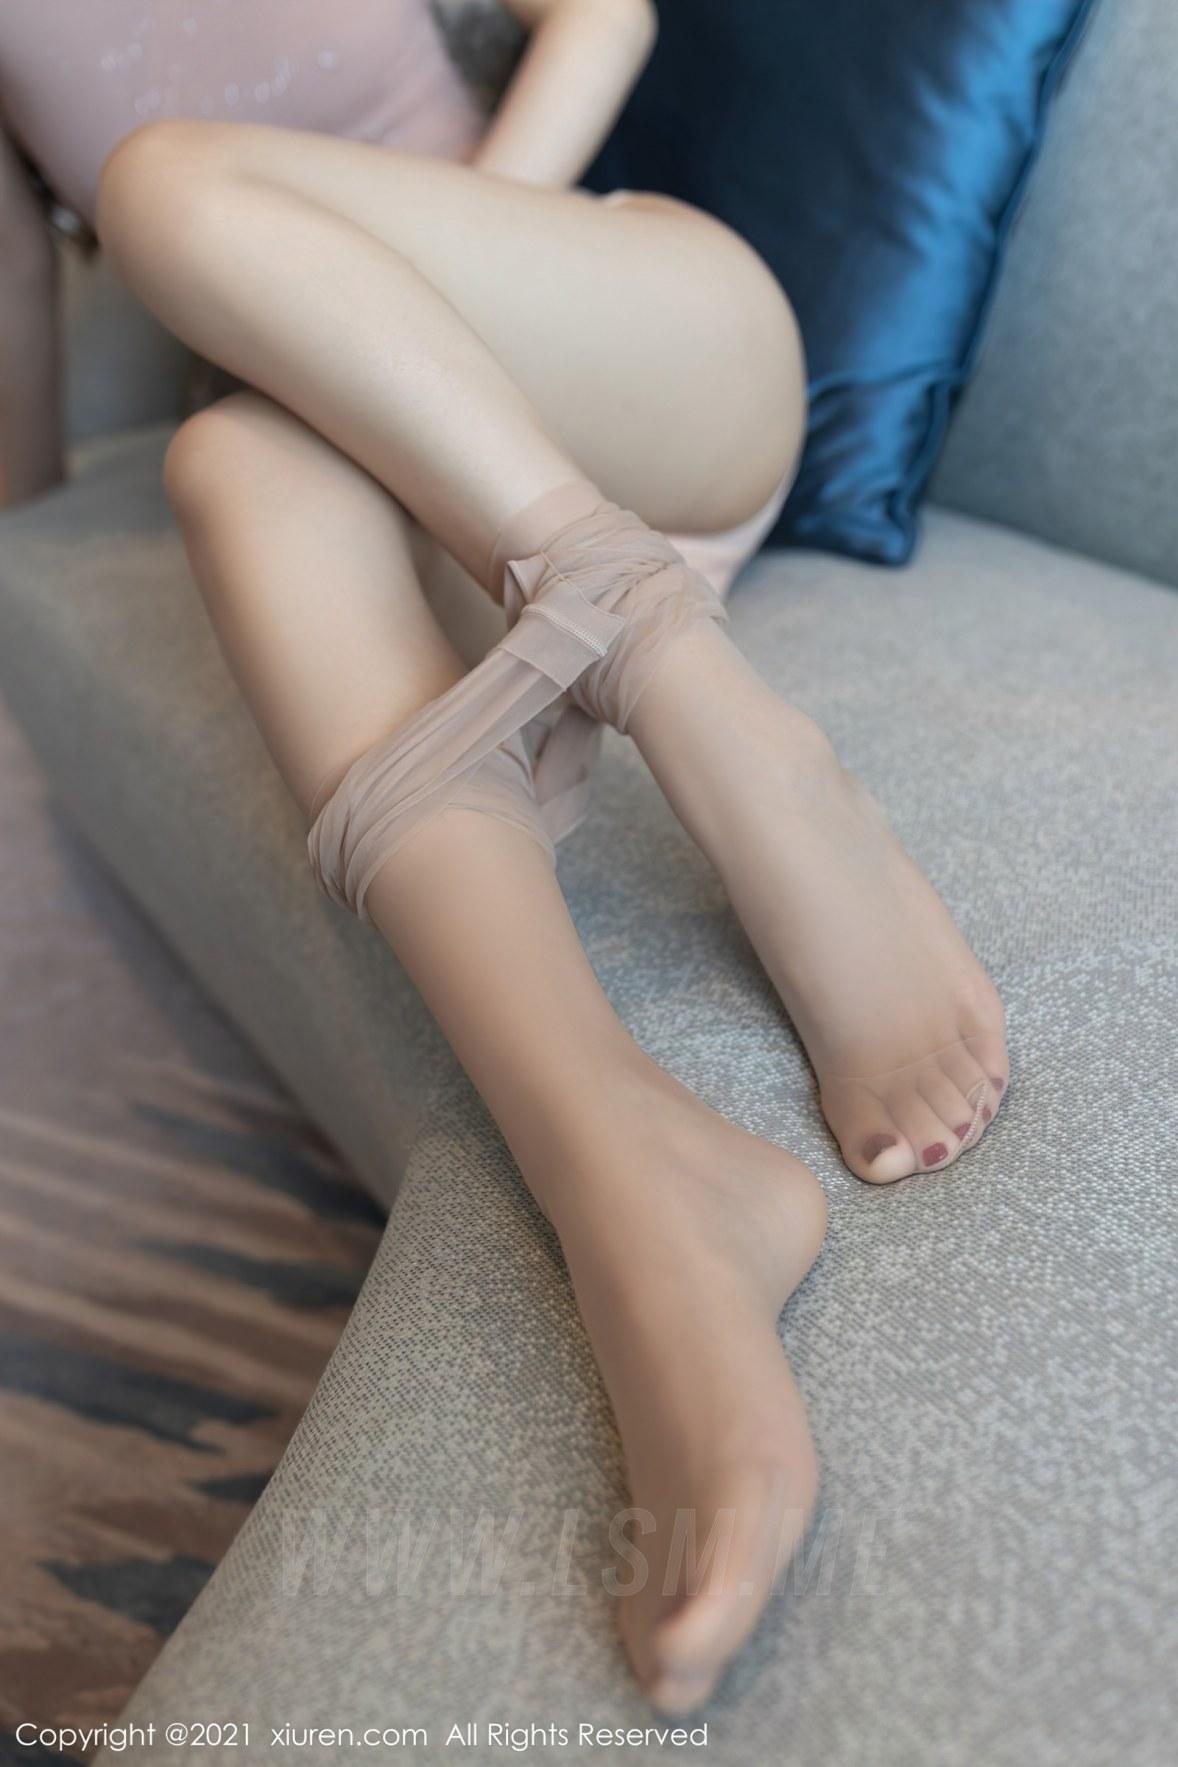 3780 046 ue8 3600 5400 - XiuRen 秀人 No.3780 裸色裙主题系列 唐安琪 澳门旅拍写真22 - 秀人网 -【免费在线写真】【丽人丝语】